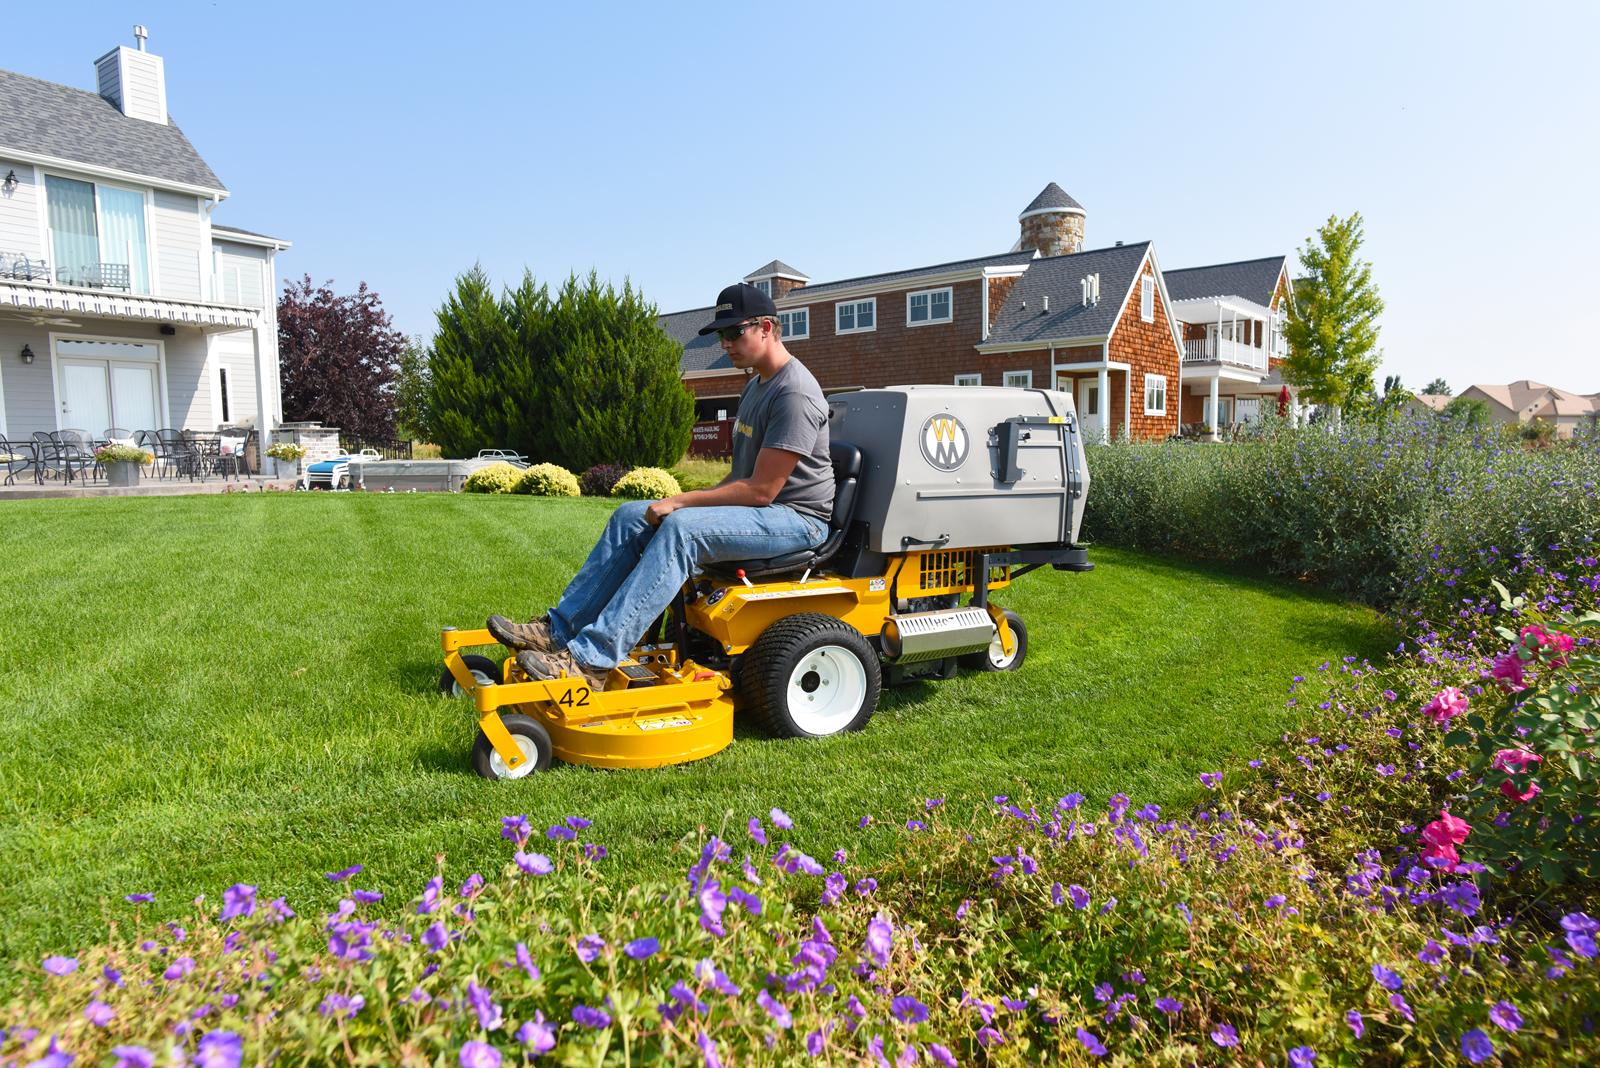 The Walker Model C19 Commercial Lawn Mower